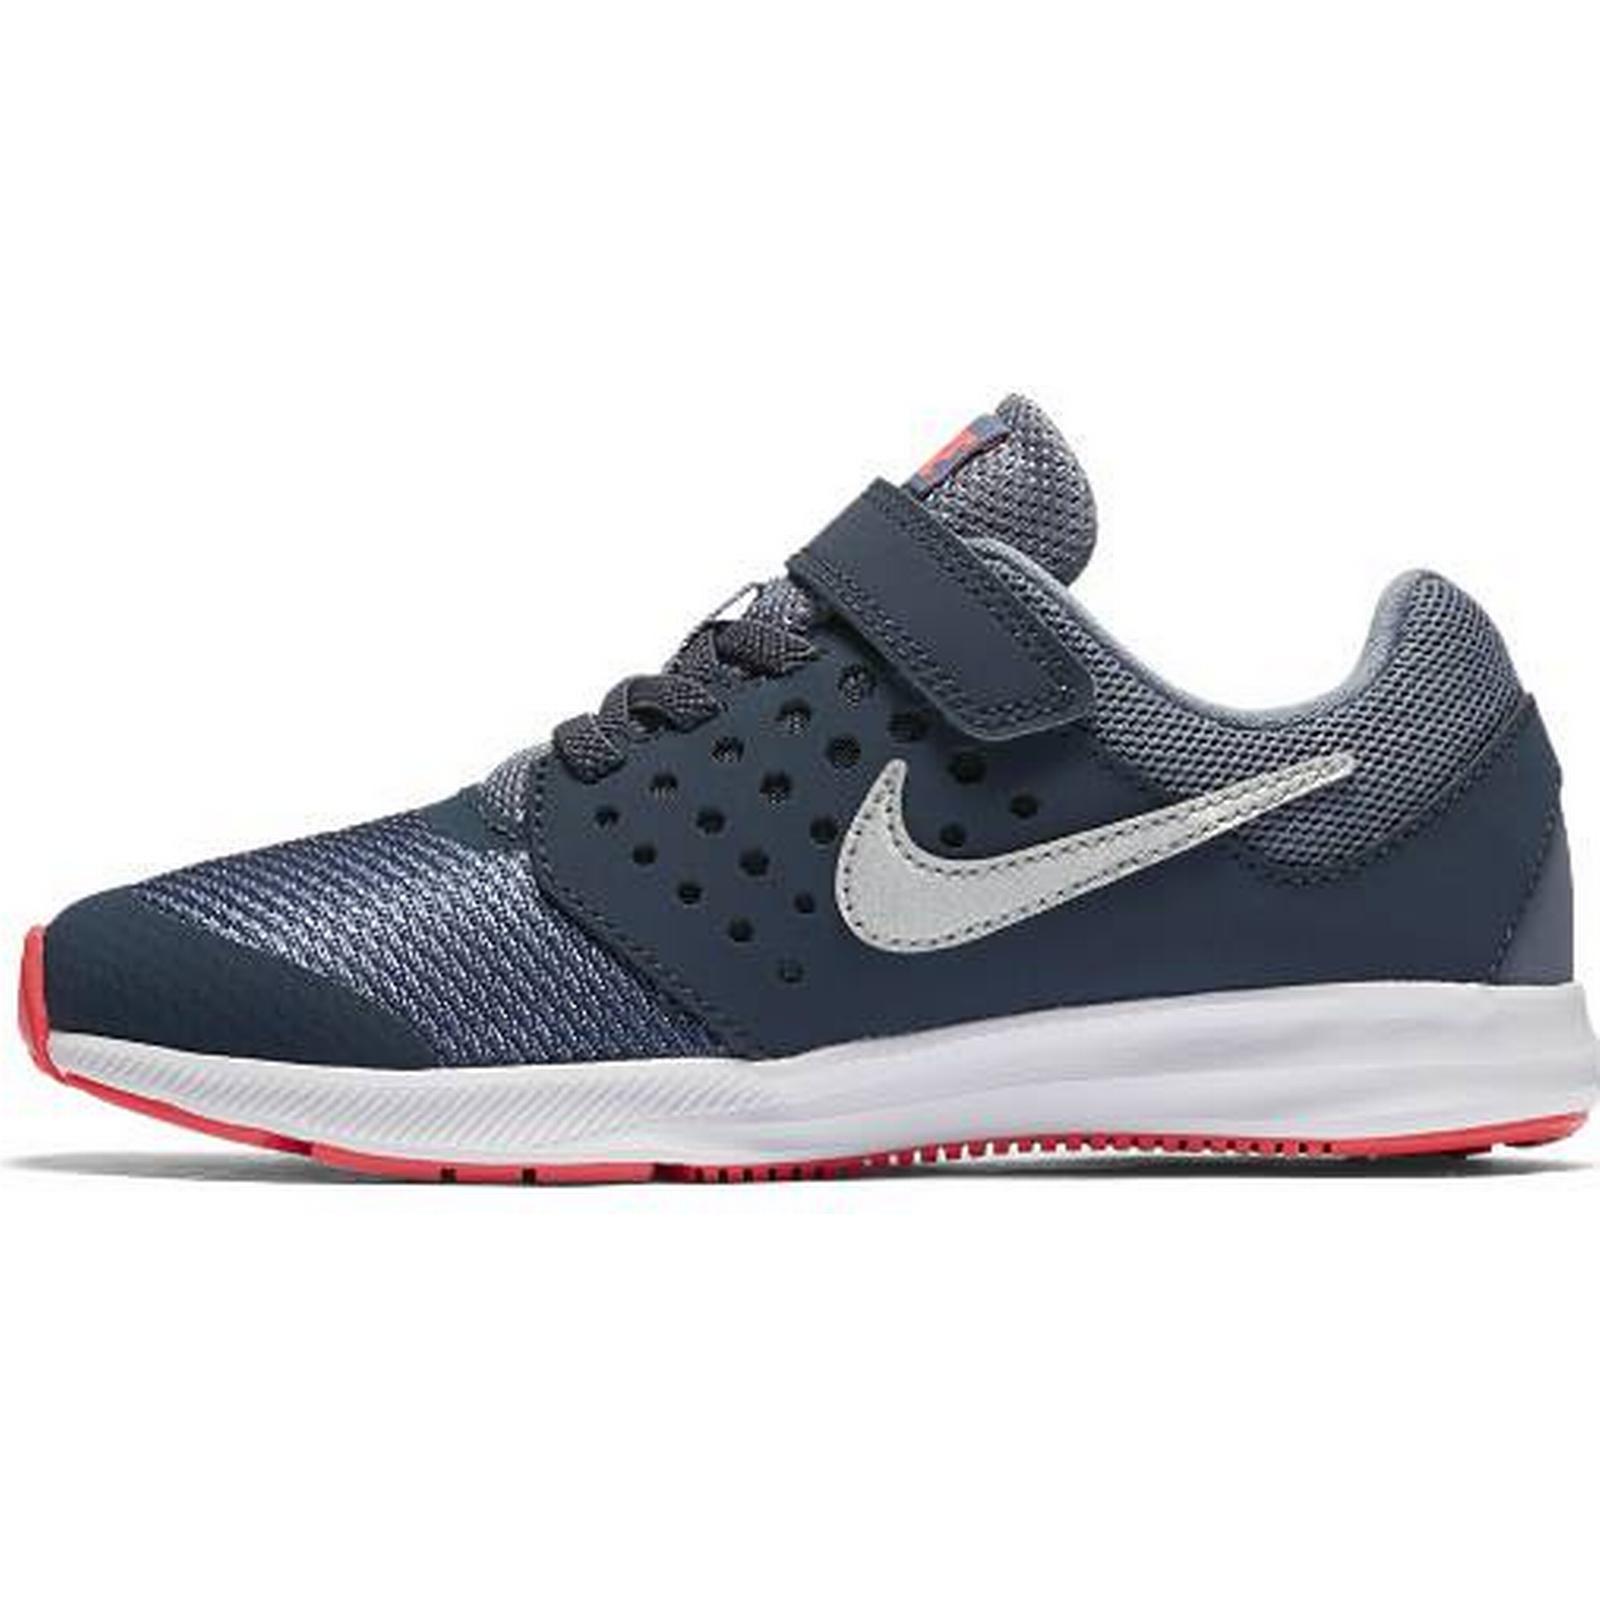 NIKE Buty Do Biegania Dla 7 Małych Dzieci Nike Downshifter 7 Dla ad2701